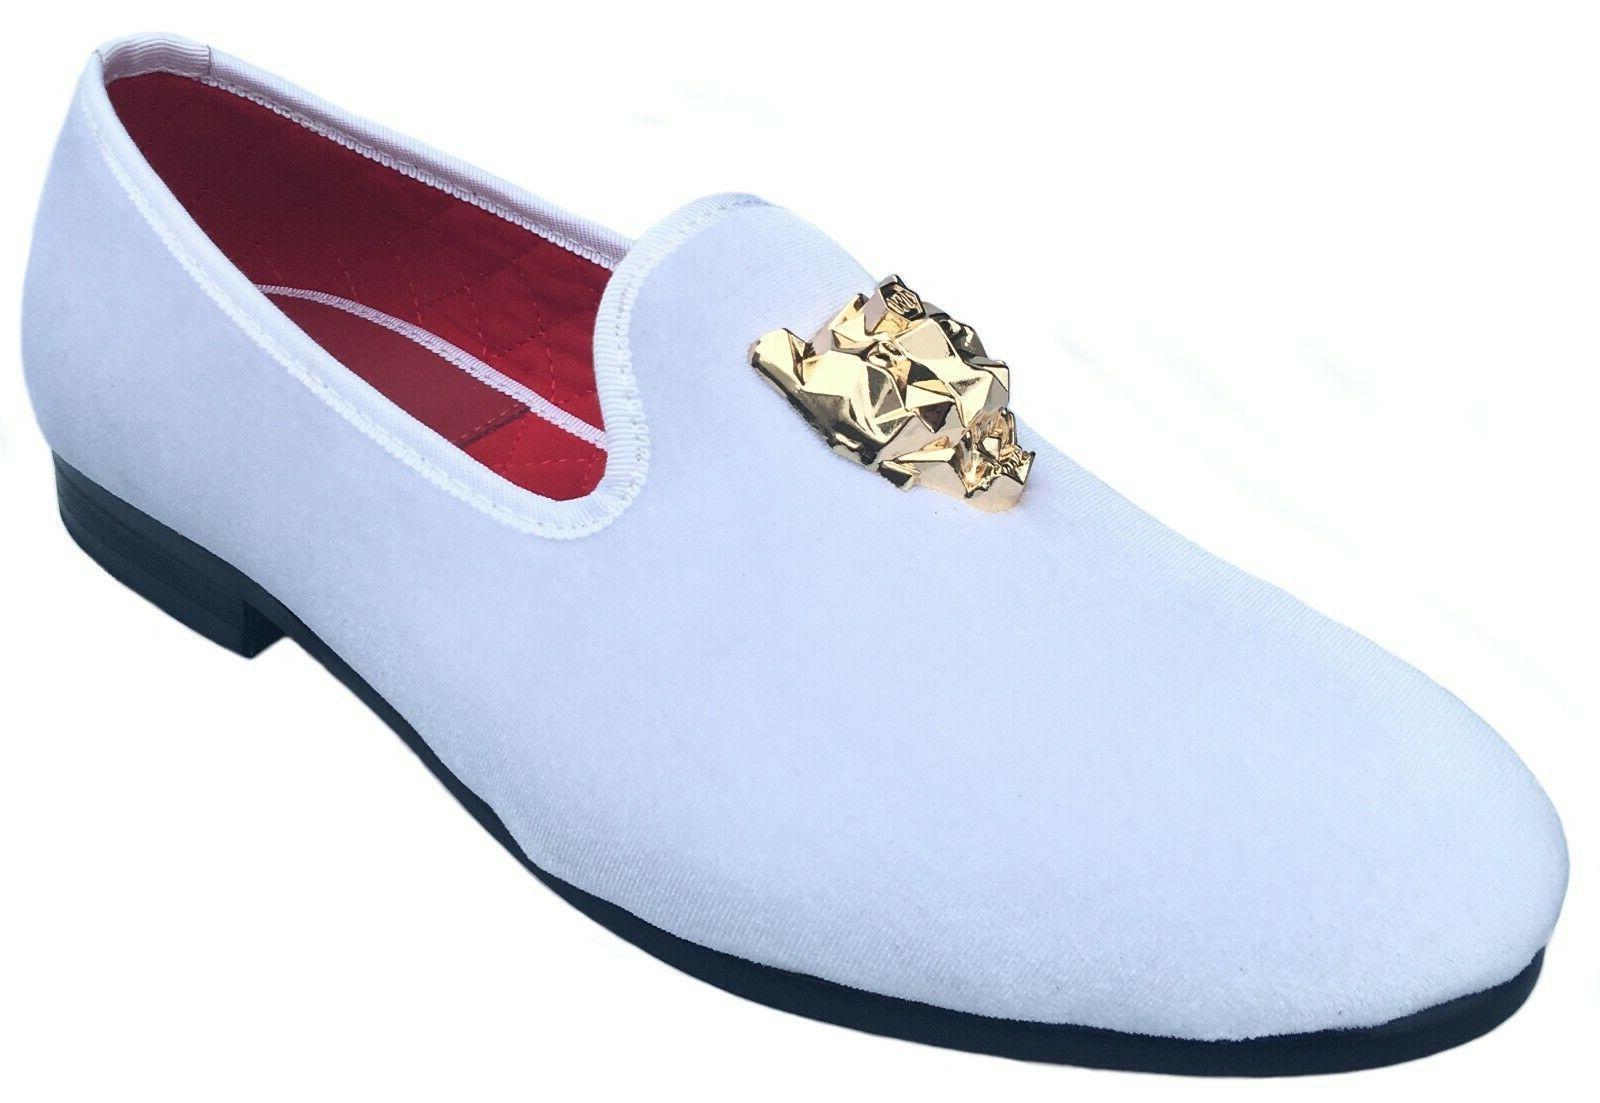 Men's Black Velvet Slip-on Shoes with